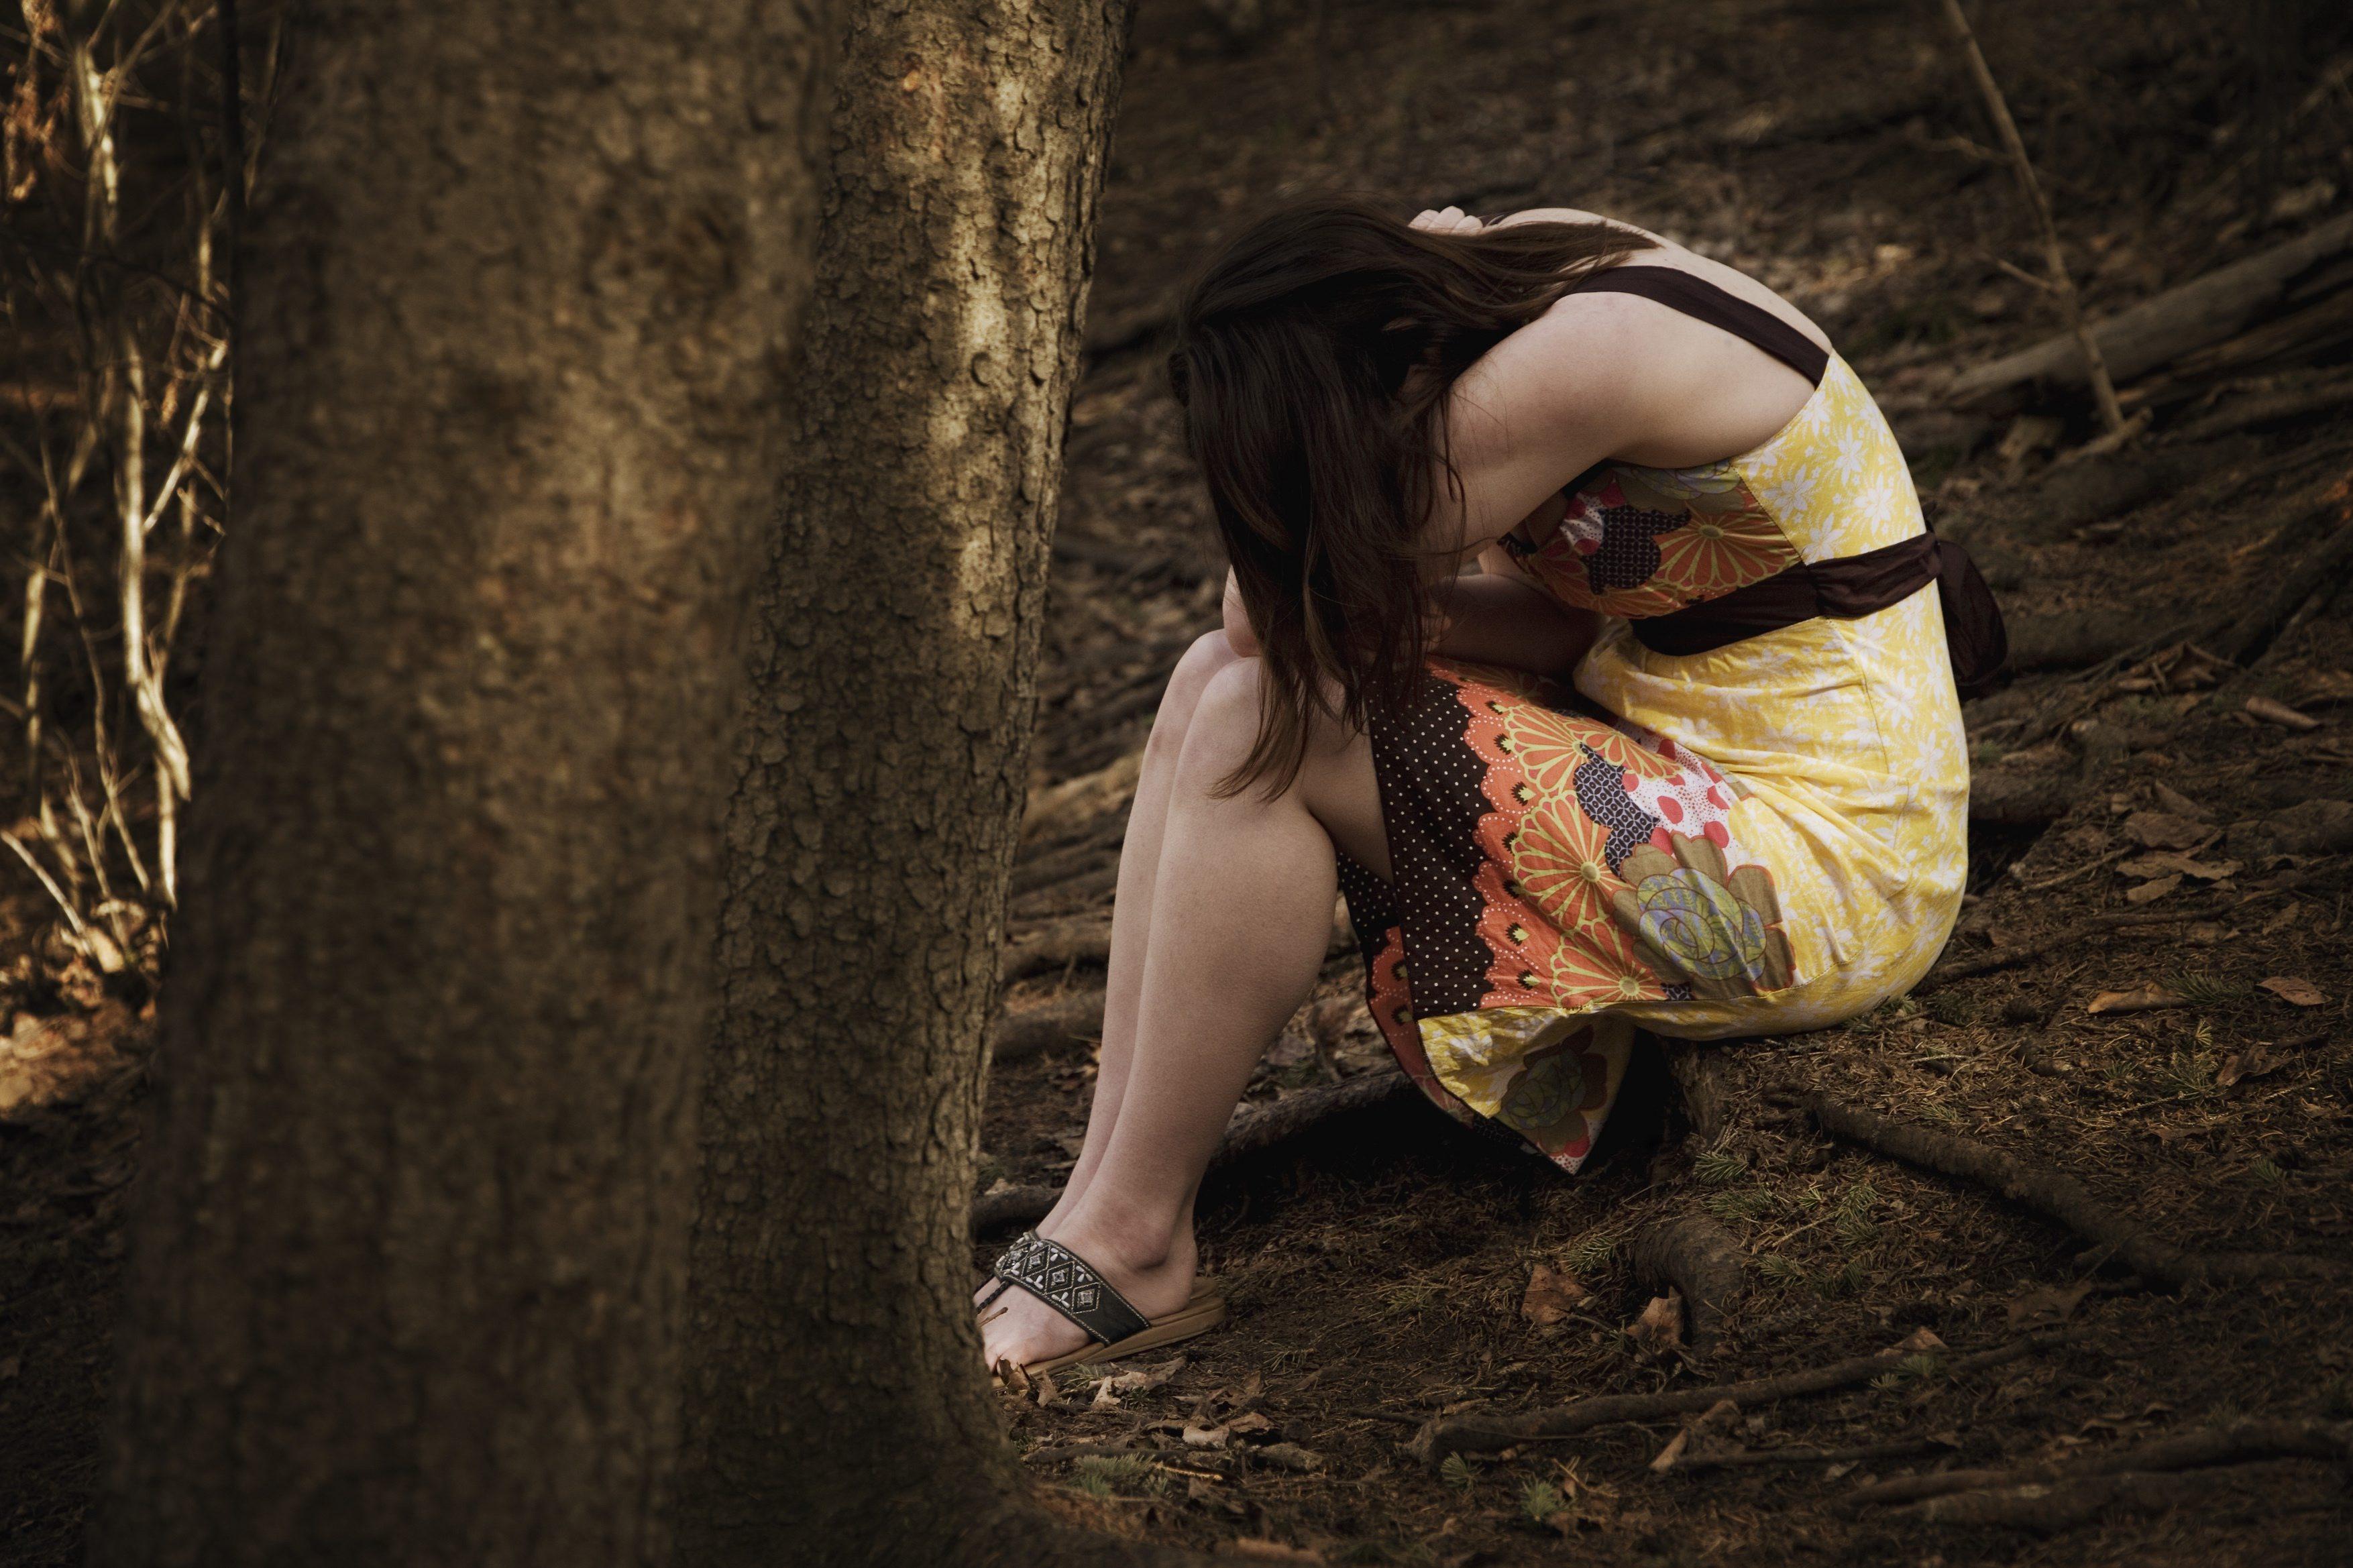 Сексуальные издевательства смотреть онлайн, Наказания, Издевательства, интересные извращения 27 фотография